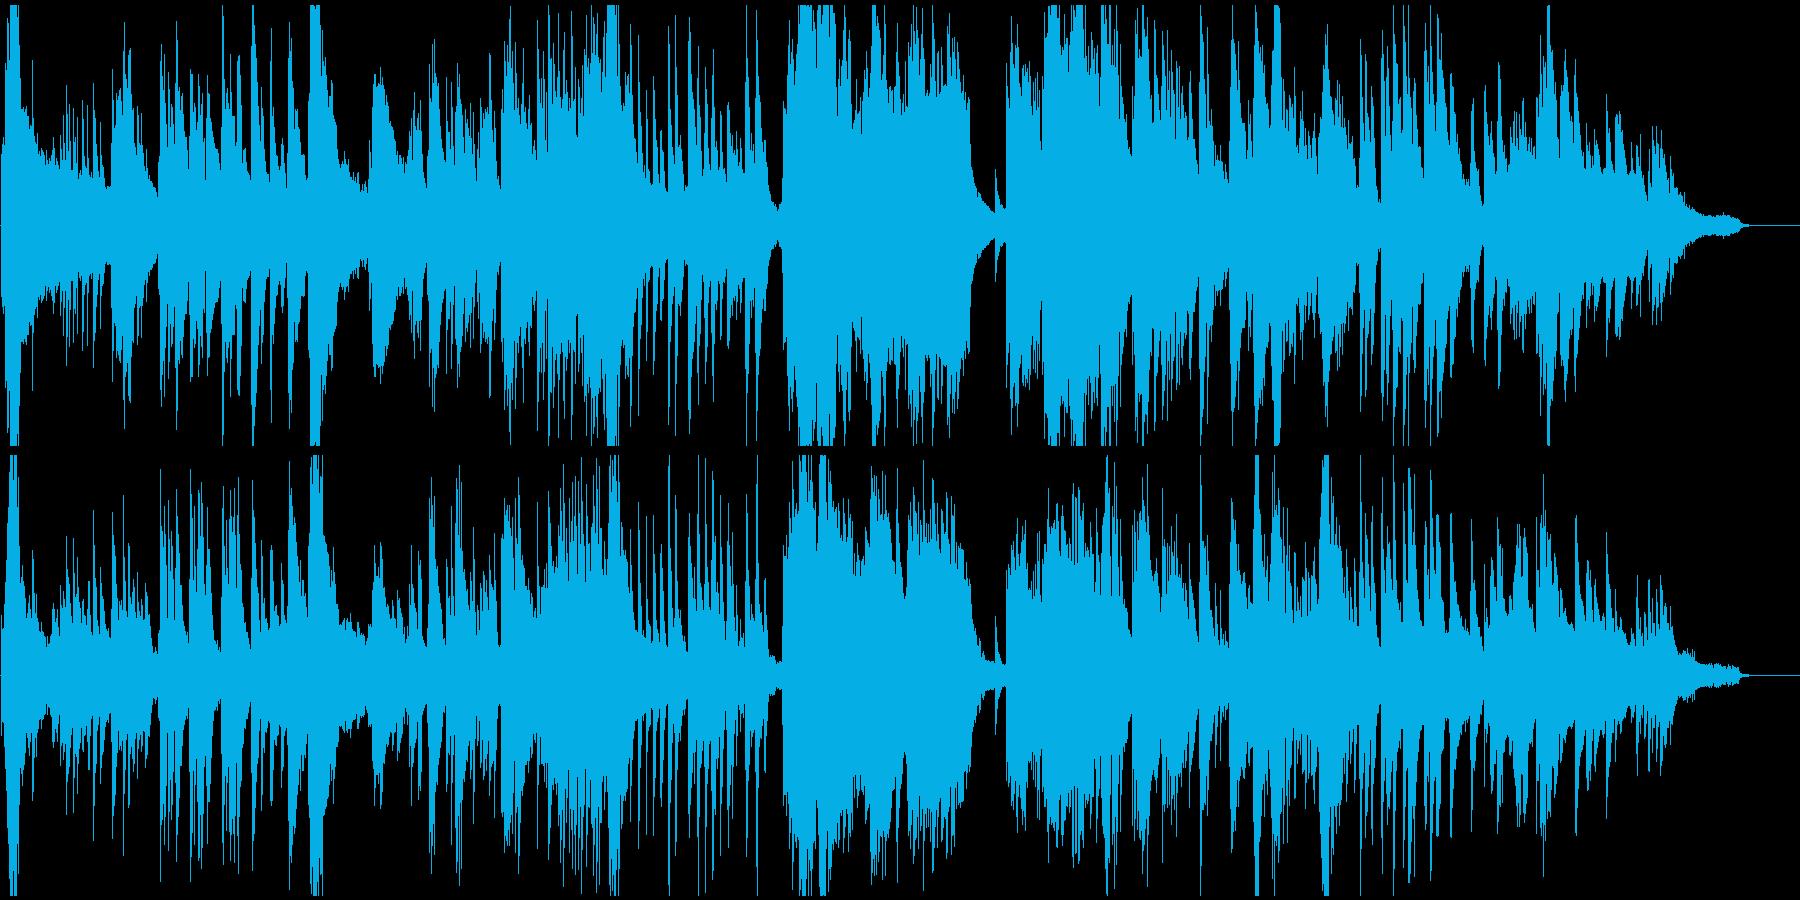 流れるようなフリーテンポのピアノ楽曲の再生済みの波形